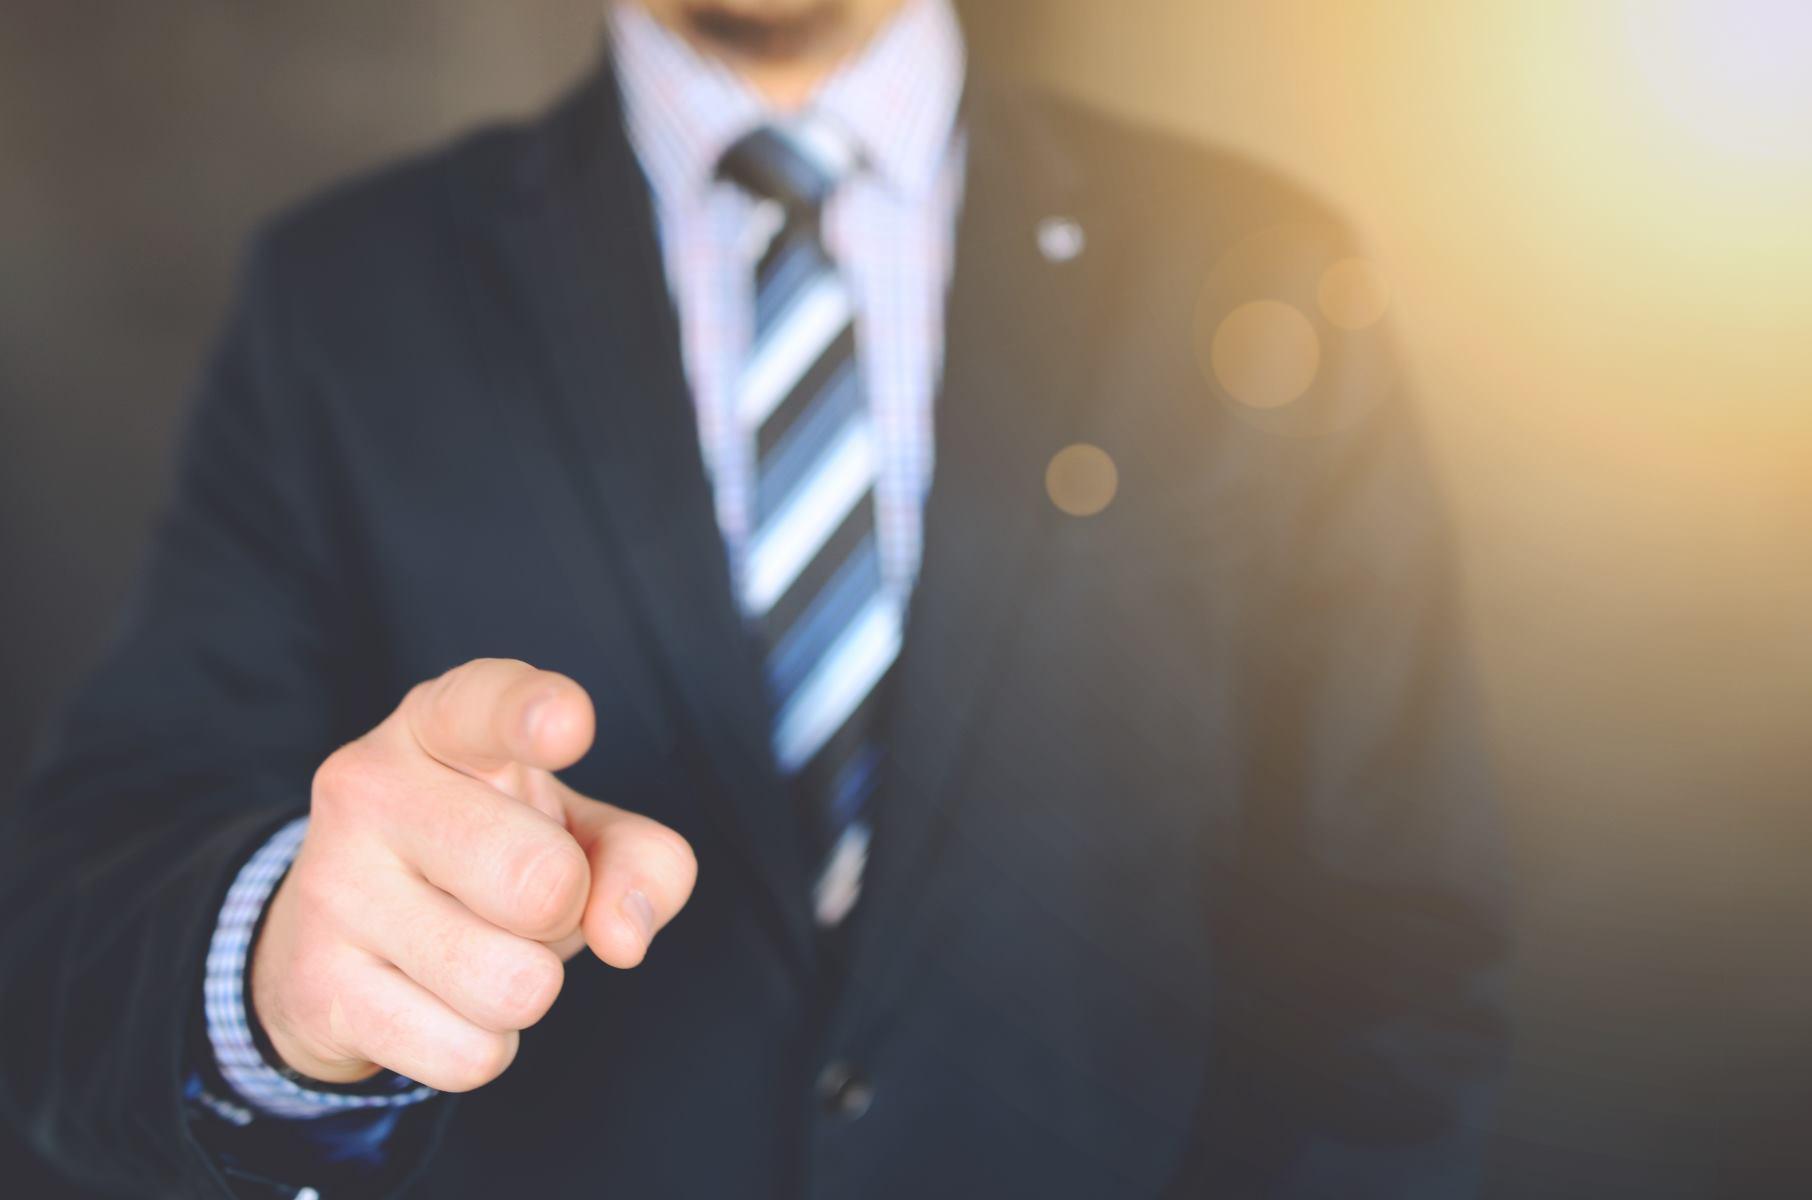 نرم افزار مدیریت پروژه آنلاین بهتایم برای کدام کسب و کارها مناسب است؟